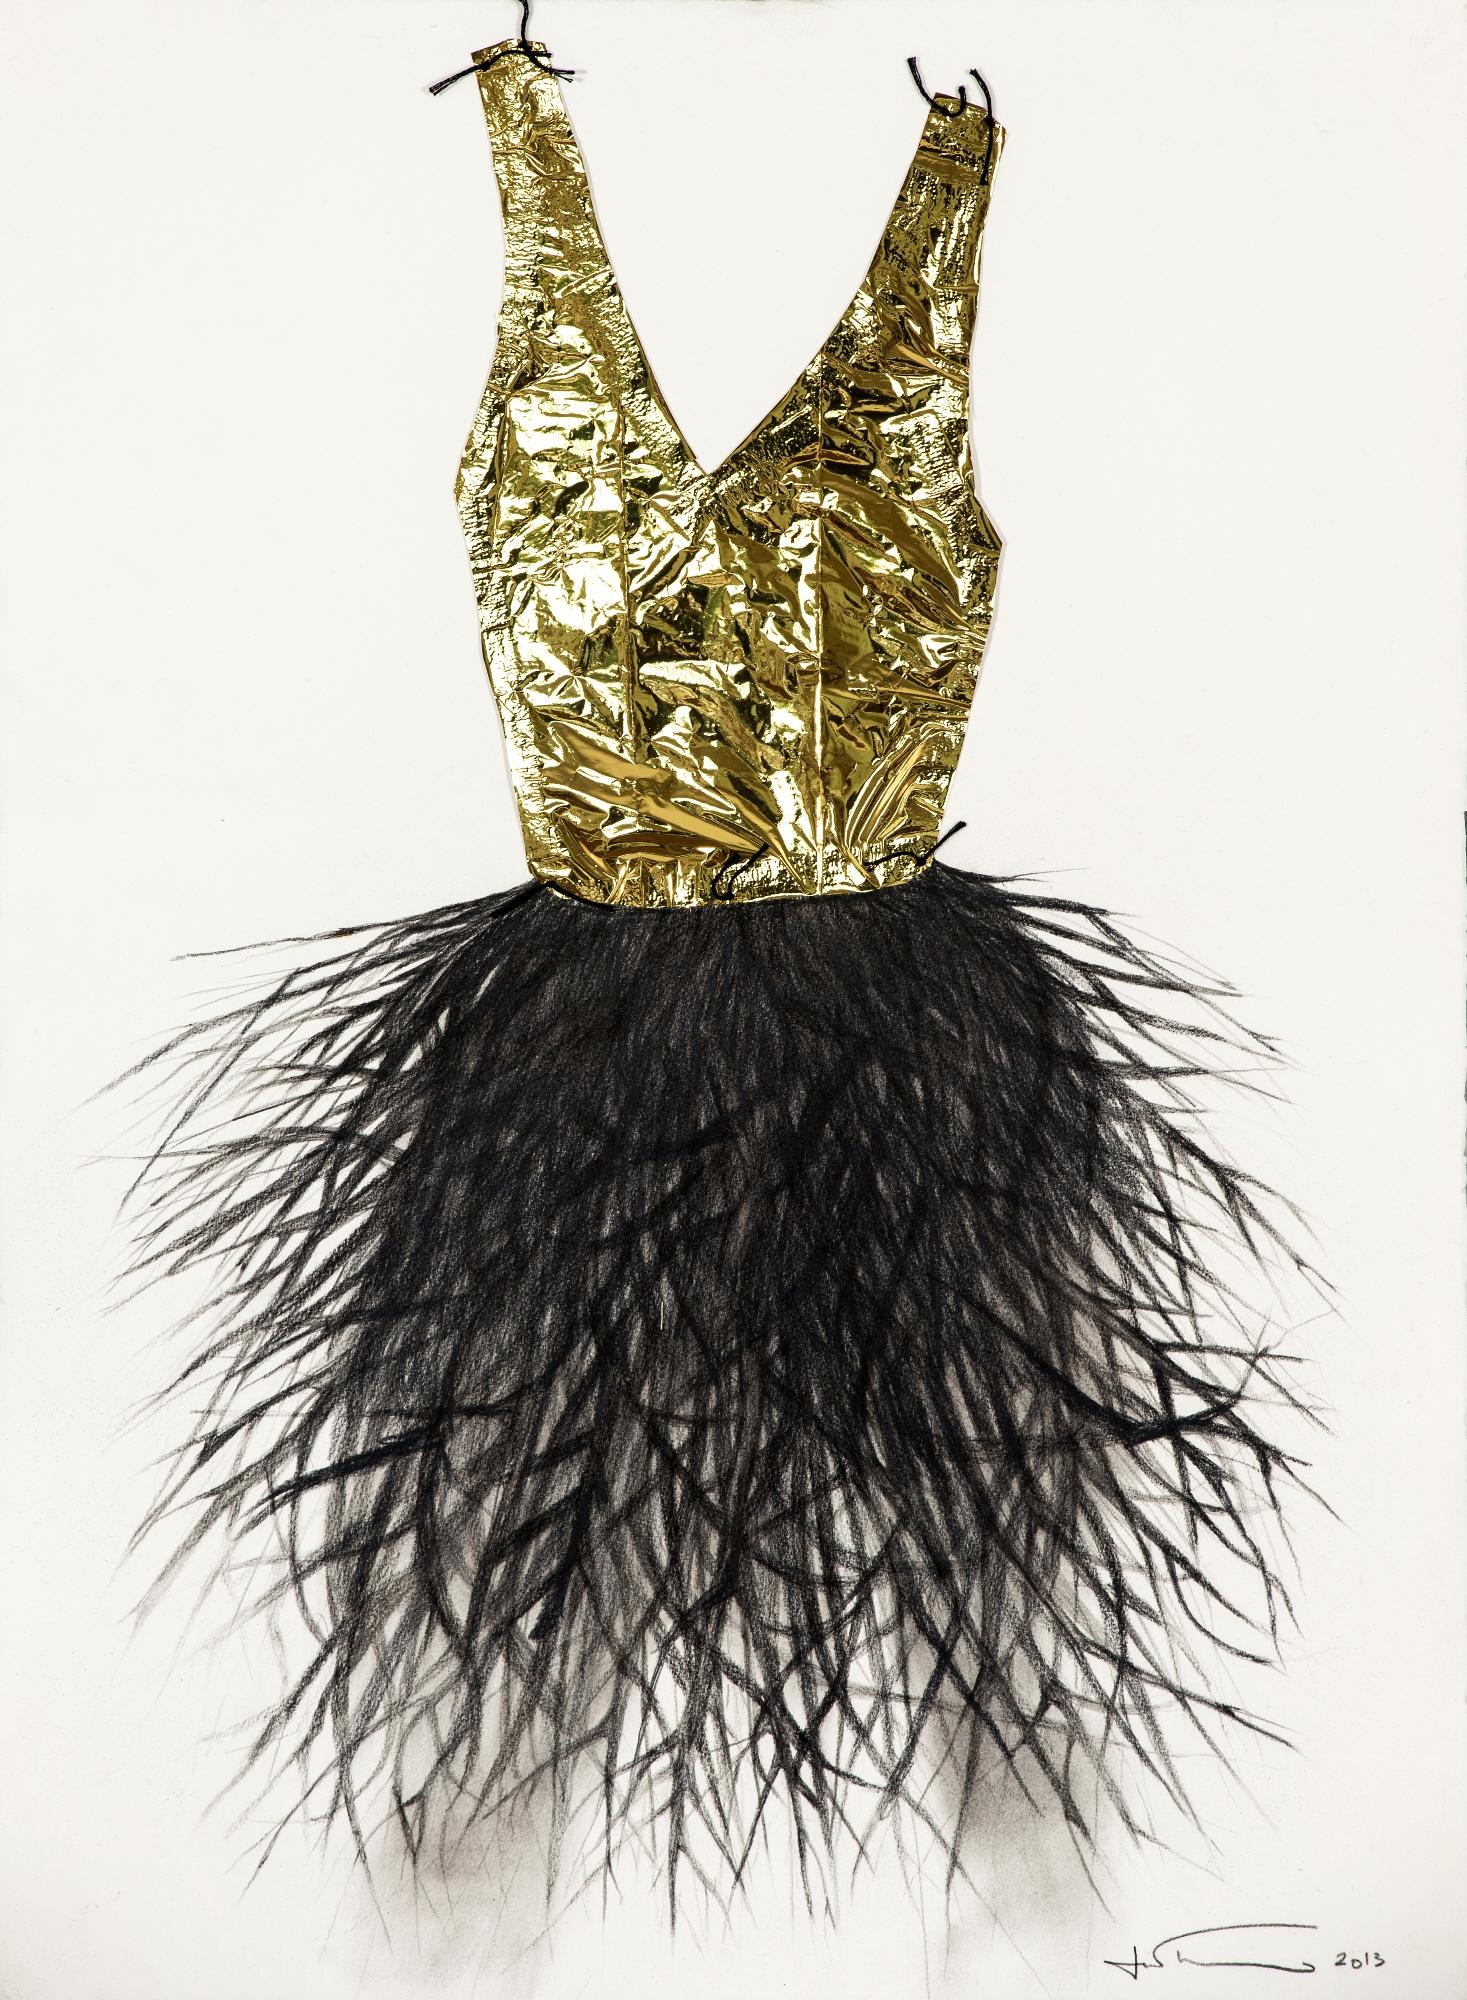 Tríptico Hábitos del bosque blanco, negro y dorado, artista Inés Tolentino.